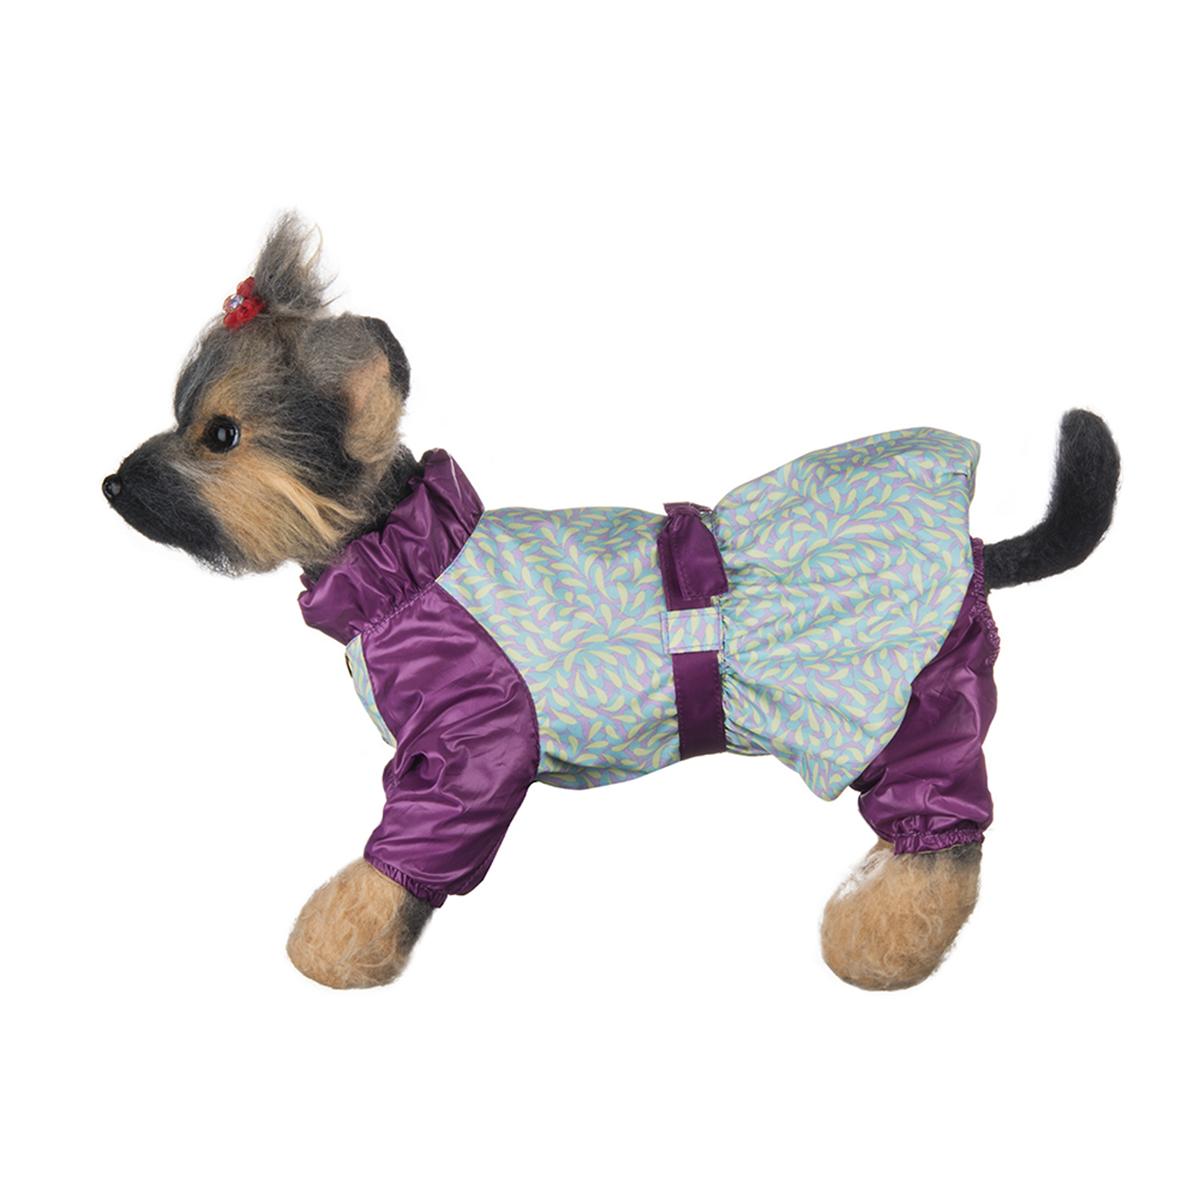 Комбинезон для собак Dogmoda Настроение, для девочки, цвет: фиолетовый, мятный, желтый. Размер 3 (L)DM-150314-3Нежный и романтичный комбинезон для собак Dogmoda Настроение отлично подойдет для прогулок в прохладную погоду. Комбинезон изготовлен из полиэстера, защищающего от ветра и осадков, с подкладкой из вискозы, которая сохранит обеспечит отличный воздухообмен. Комбинезон застегивается на кнопки, благодаря чему его легко надевать и снимать. Ворот, низ рукавов и брючин оснащены внутренними резинками, которые мягко обхватывают шею и лапки, не позволяя просачиваться холодному воздуху. На пояснице комбинезон затягивается на стильный ремень-кулиску. Изделие имеет очаровательную юбку и закрытый живот.Благодаря такому комбинезону простуда не грозит вашему питомцу и он не даст любимцу продрогнуть на прогулке.Одежда для собак: нужна ли она и как её выбрать. Статья OZON Гид